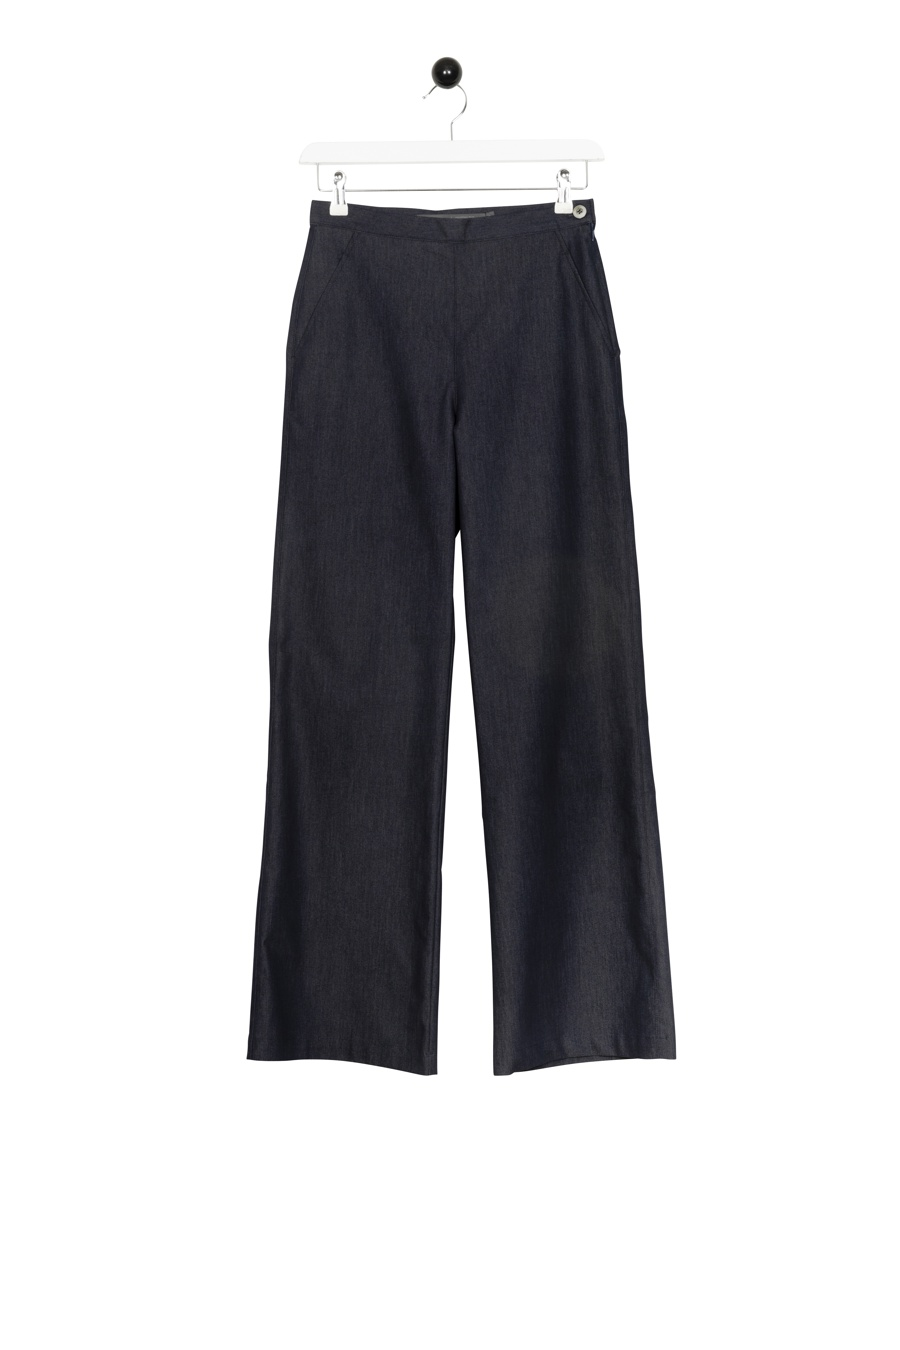 Älvsjö Trousers